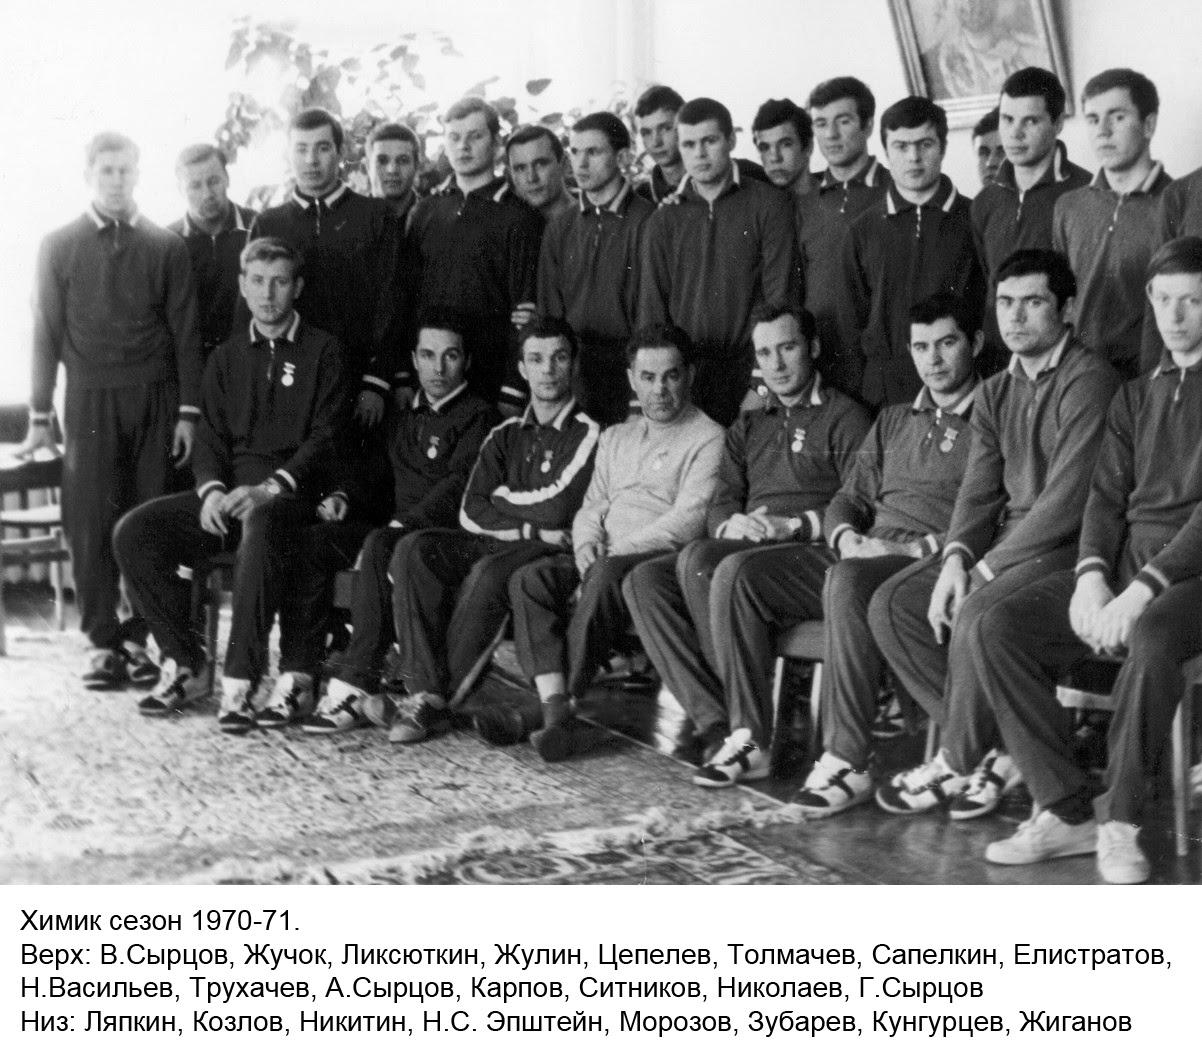 Химик 1970_71 подпись Эпштейн Кунгурцев